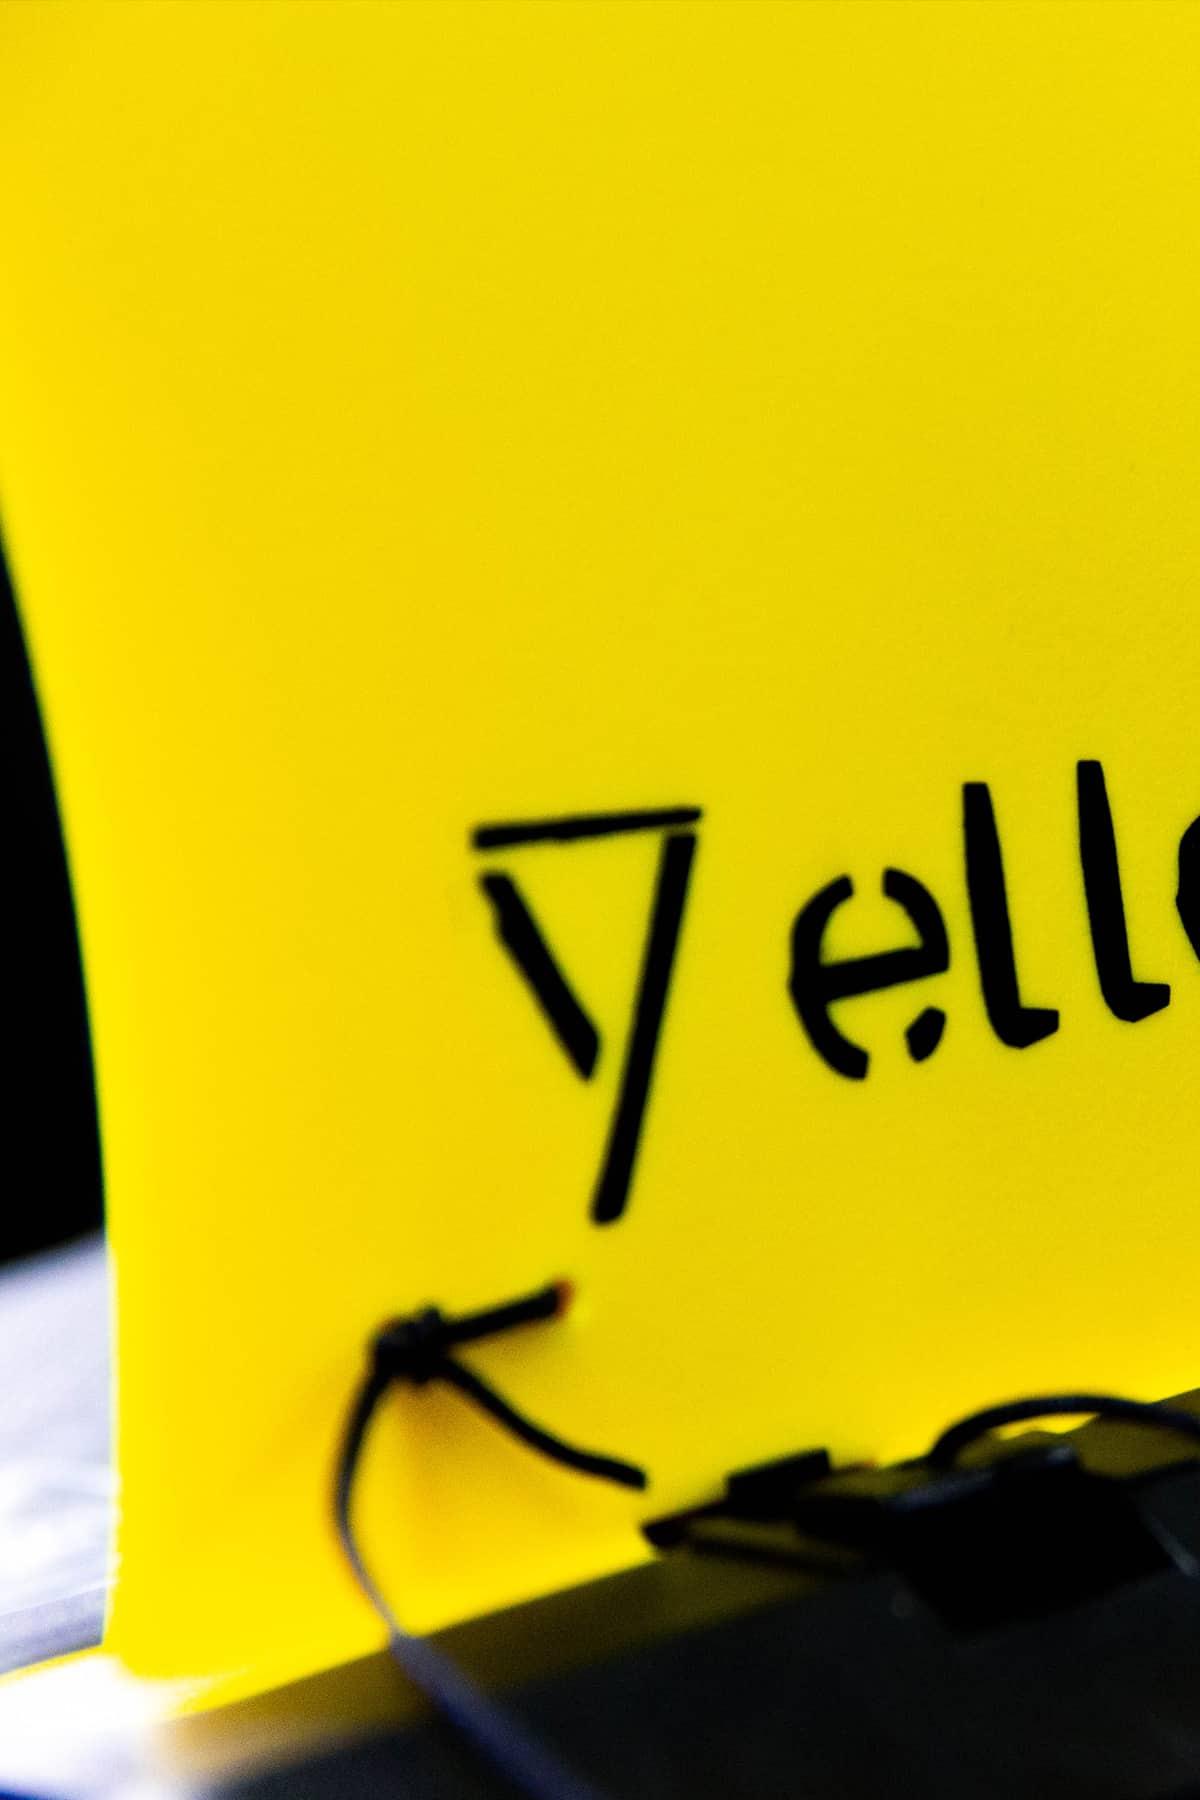 Vin voor Yellow V SUP's